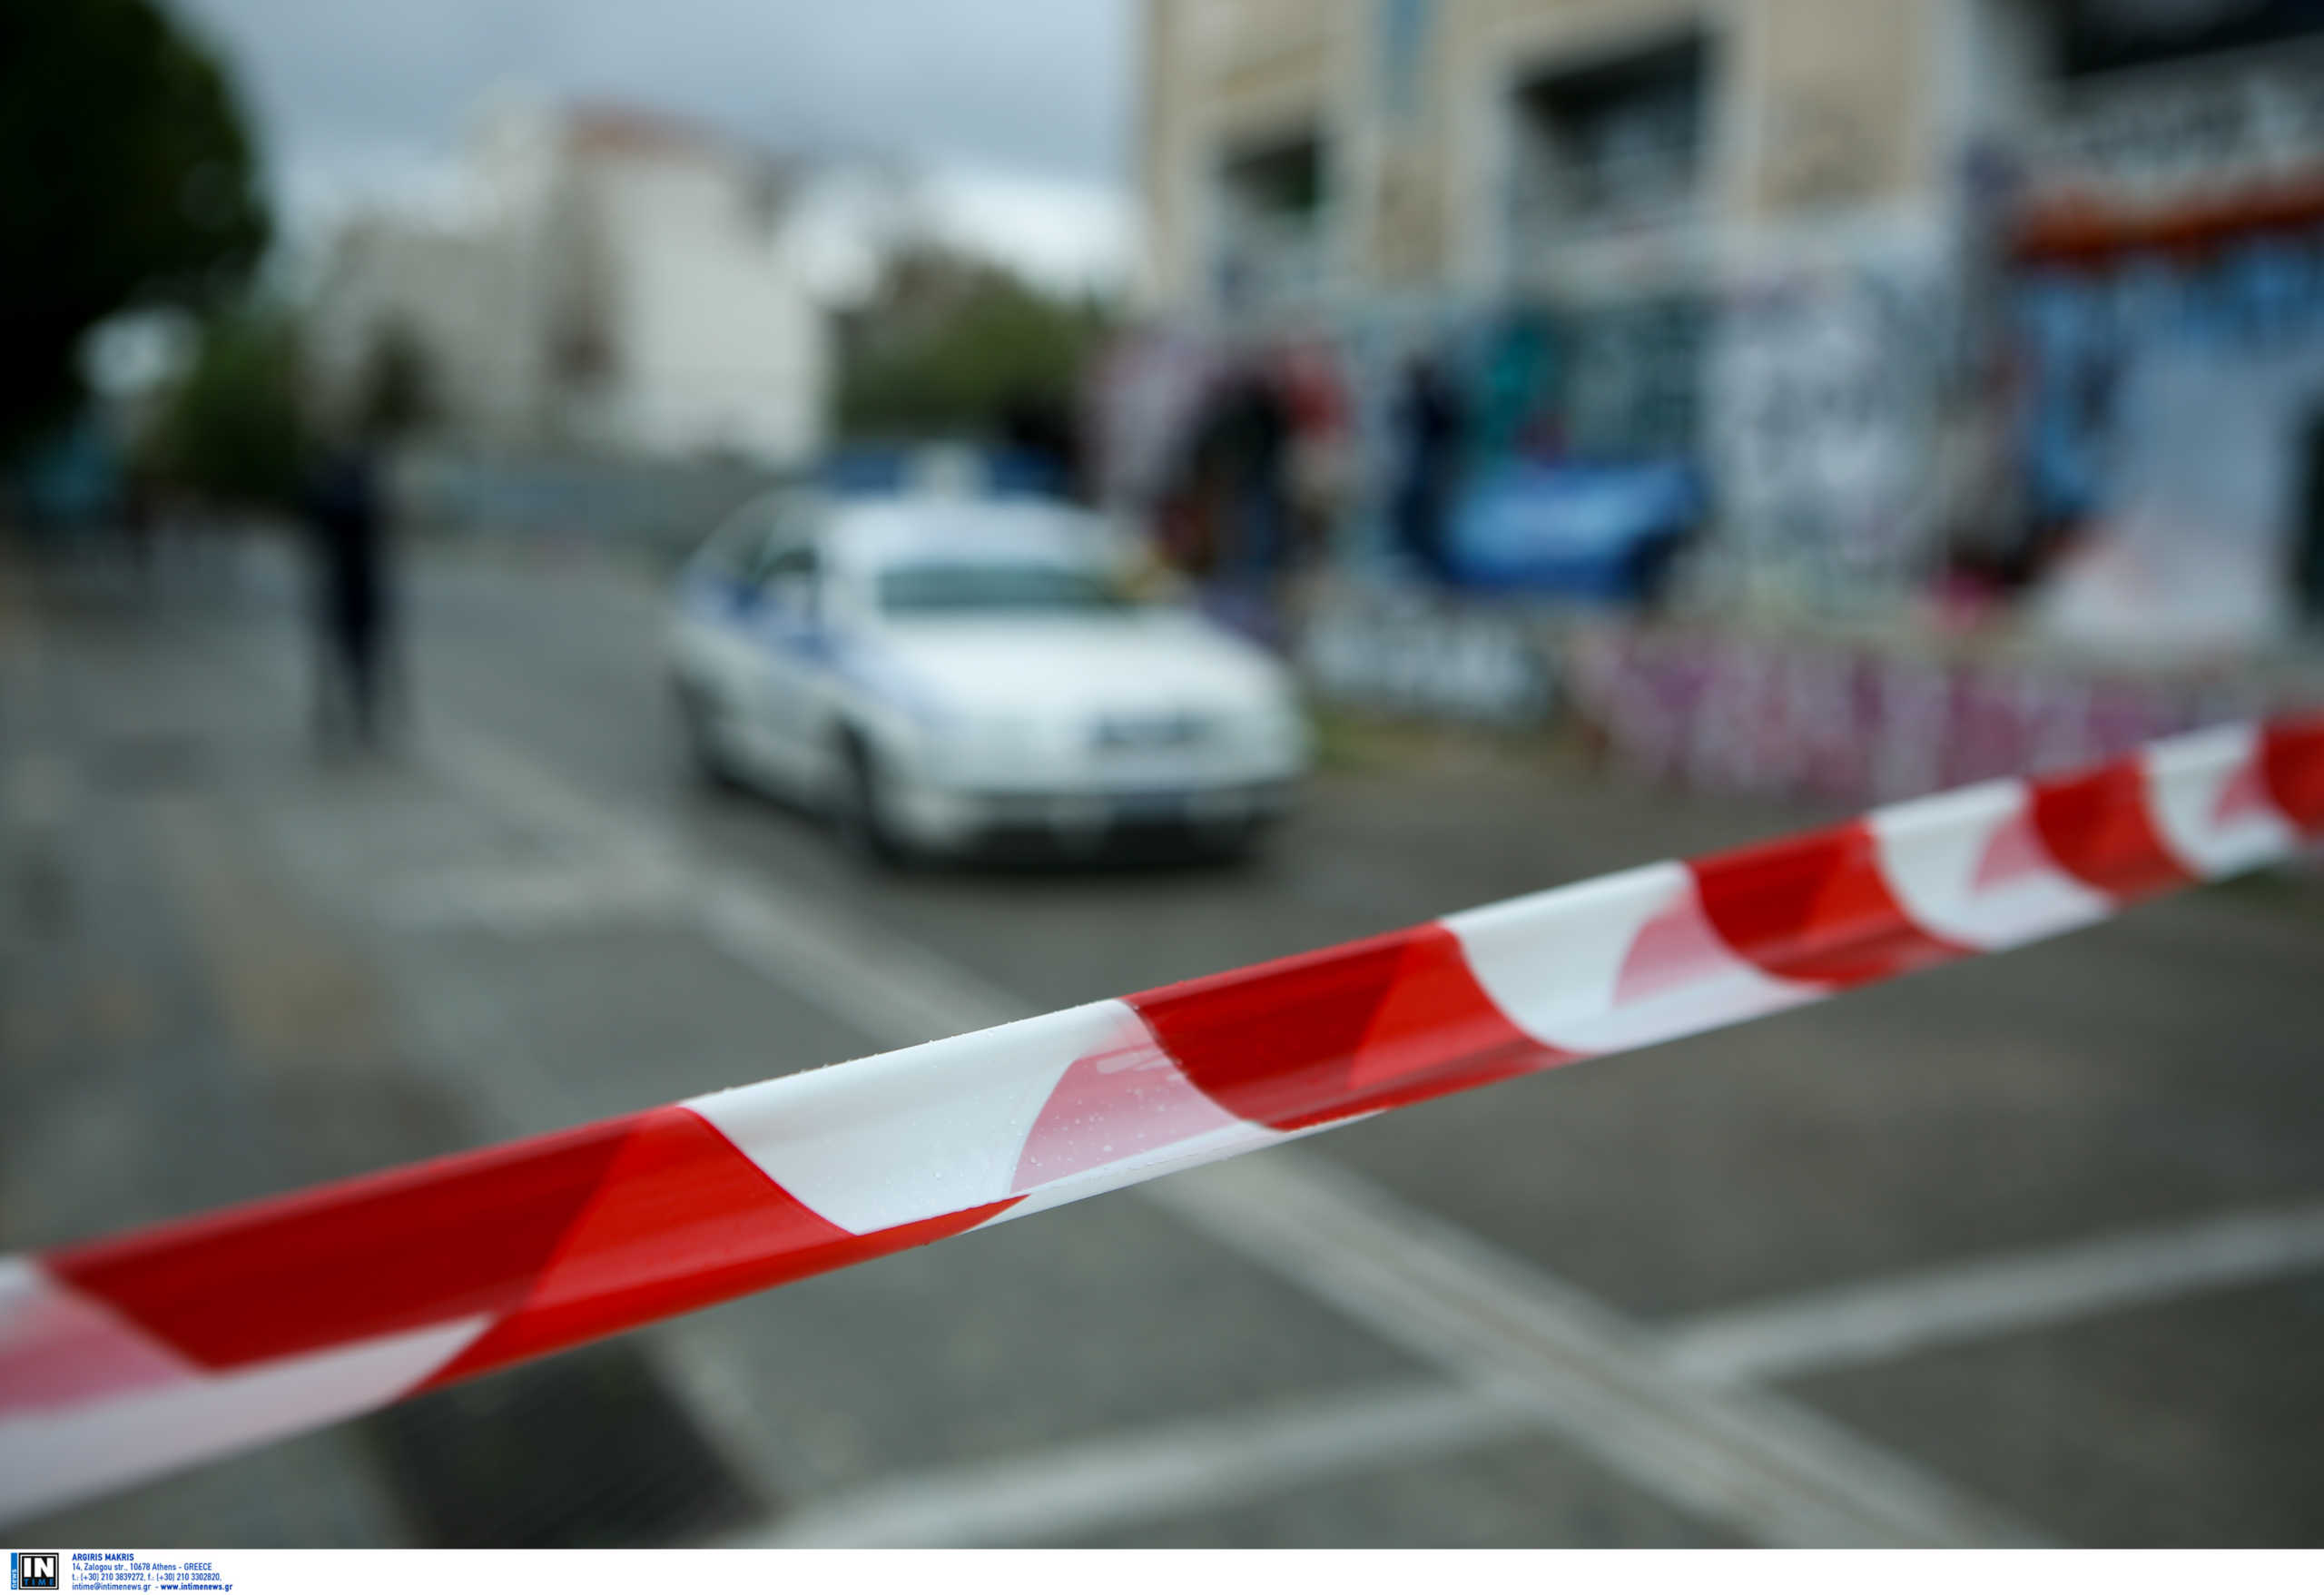 Μεσσηνία: Ο μακαρίτης ήταν ολοζώντανος! Το φοβερό μυστικό που προσπαθούσε να κρύψει επί 5 χρόνια